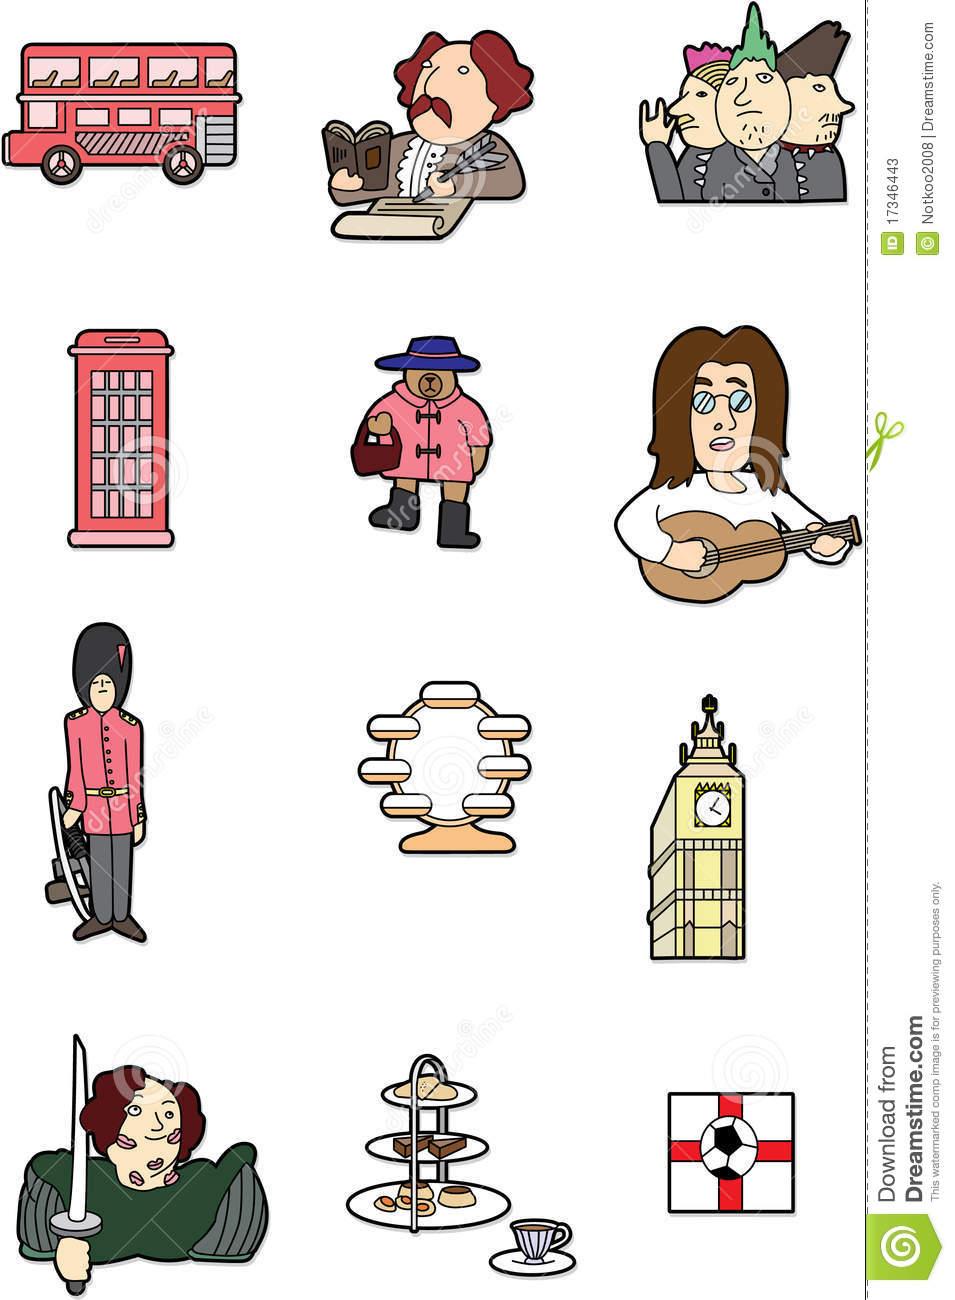 Élément De L'angleterre De Dessin Animé Illustration De destiné Dessin De Angleterre